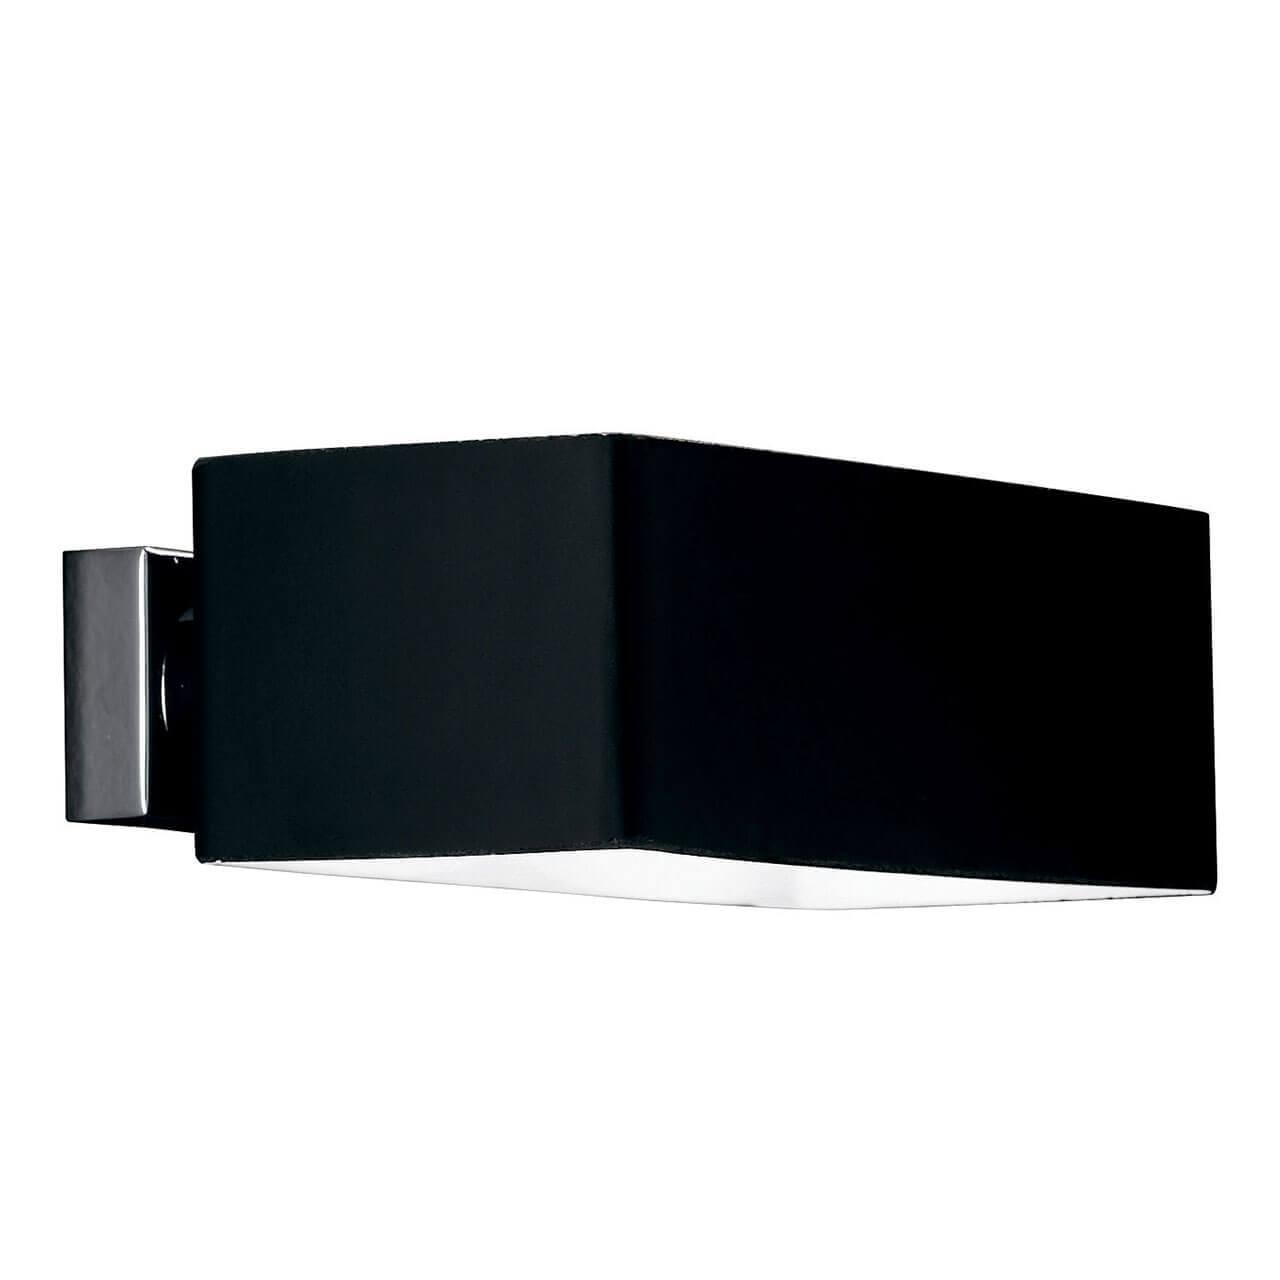 Светильник Ideal Lux Box AP2 Nero Box Nero gironacci 550 nero panna